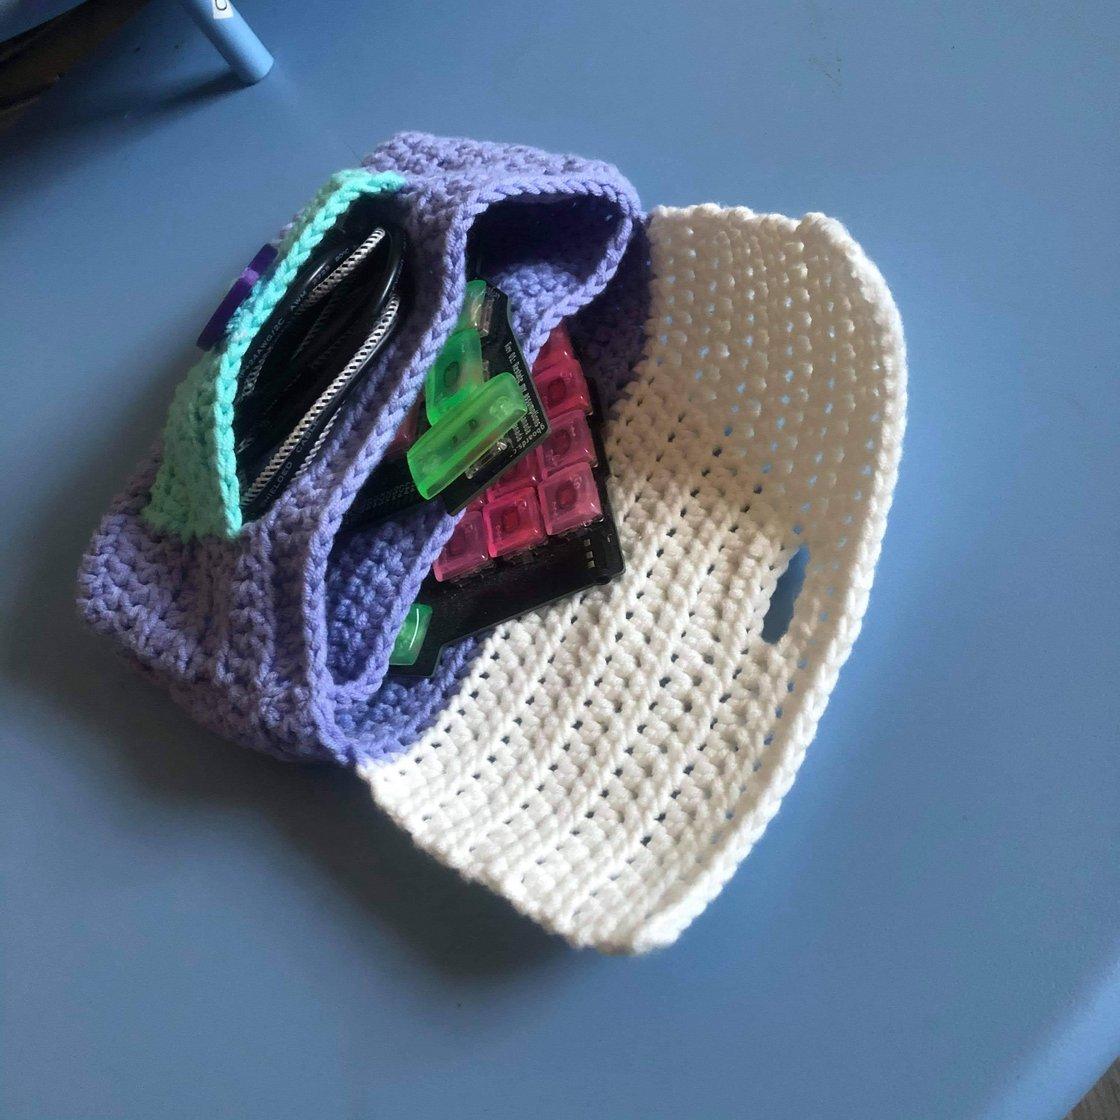 Image of Cozy Crochet Cases